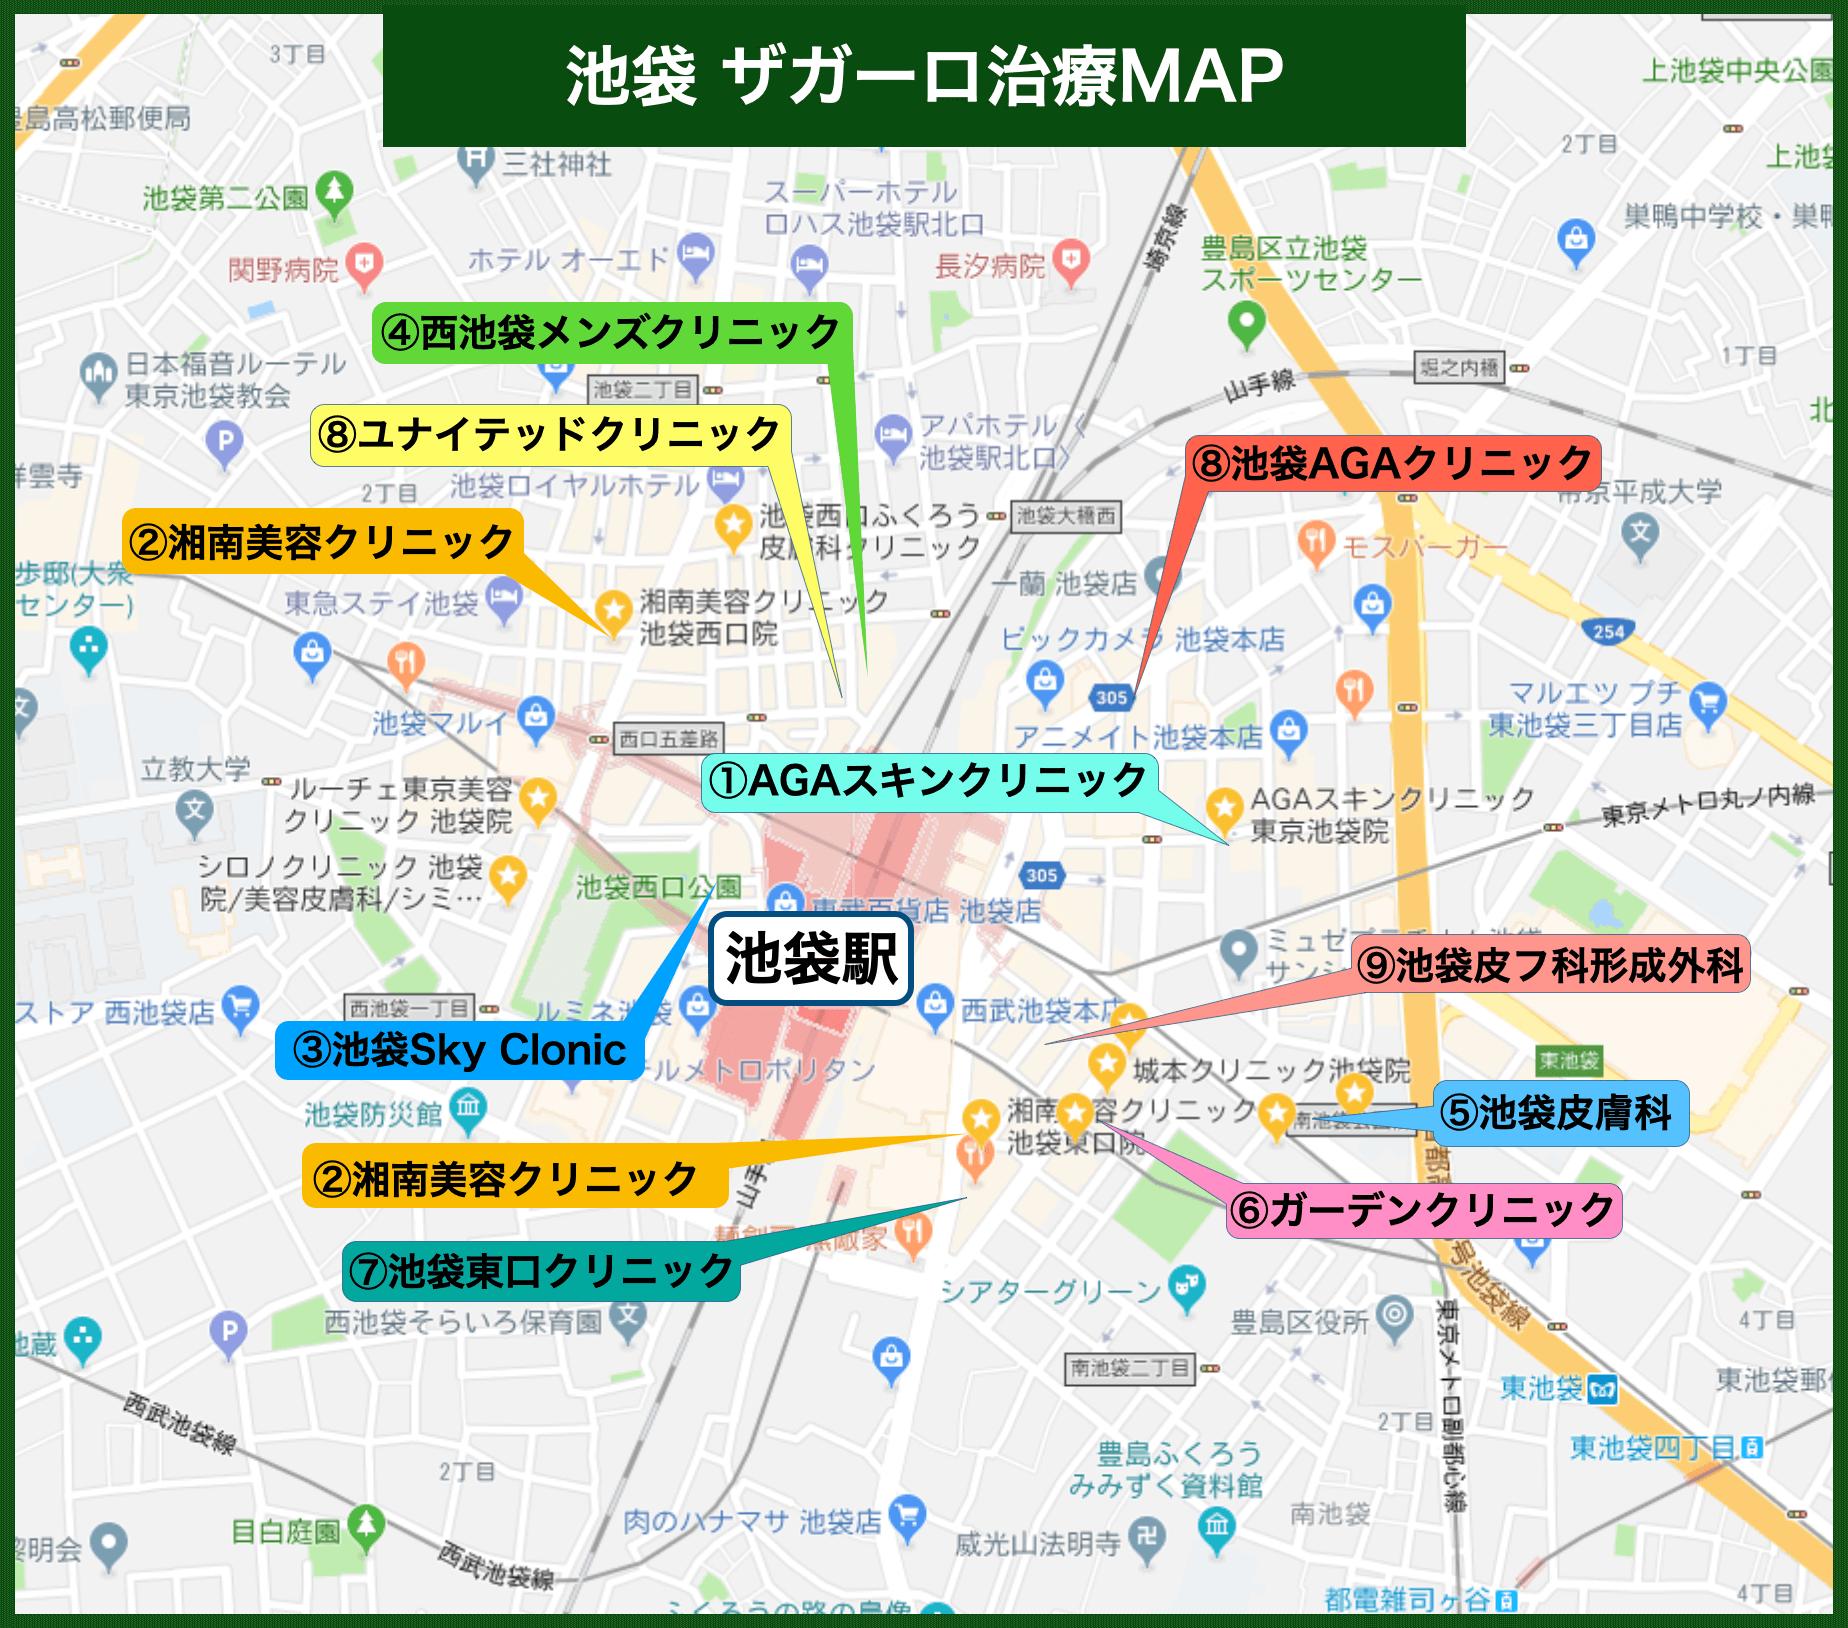 池袋ザガーロ治療MAP